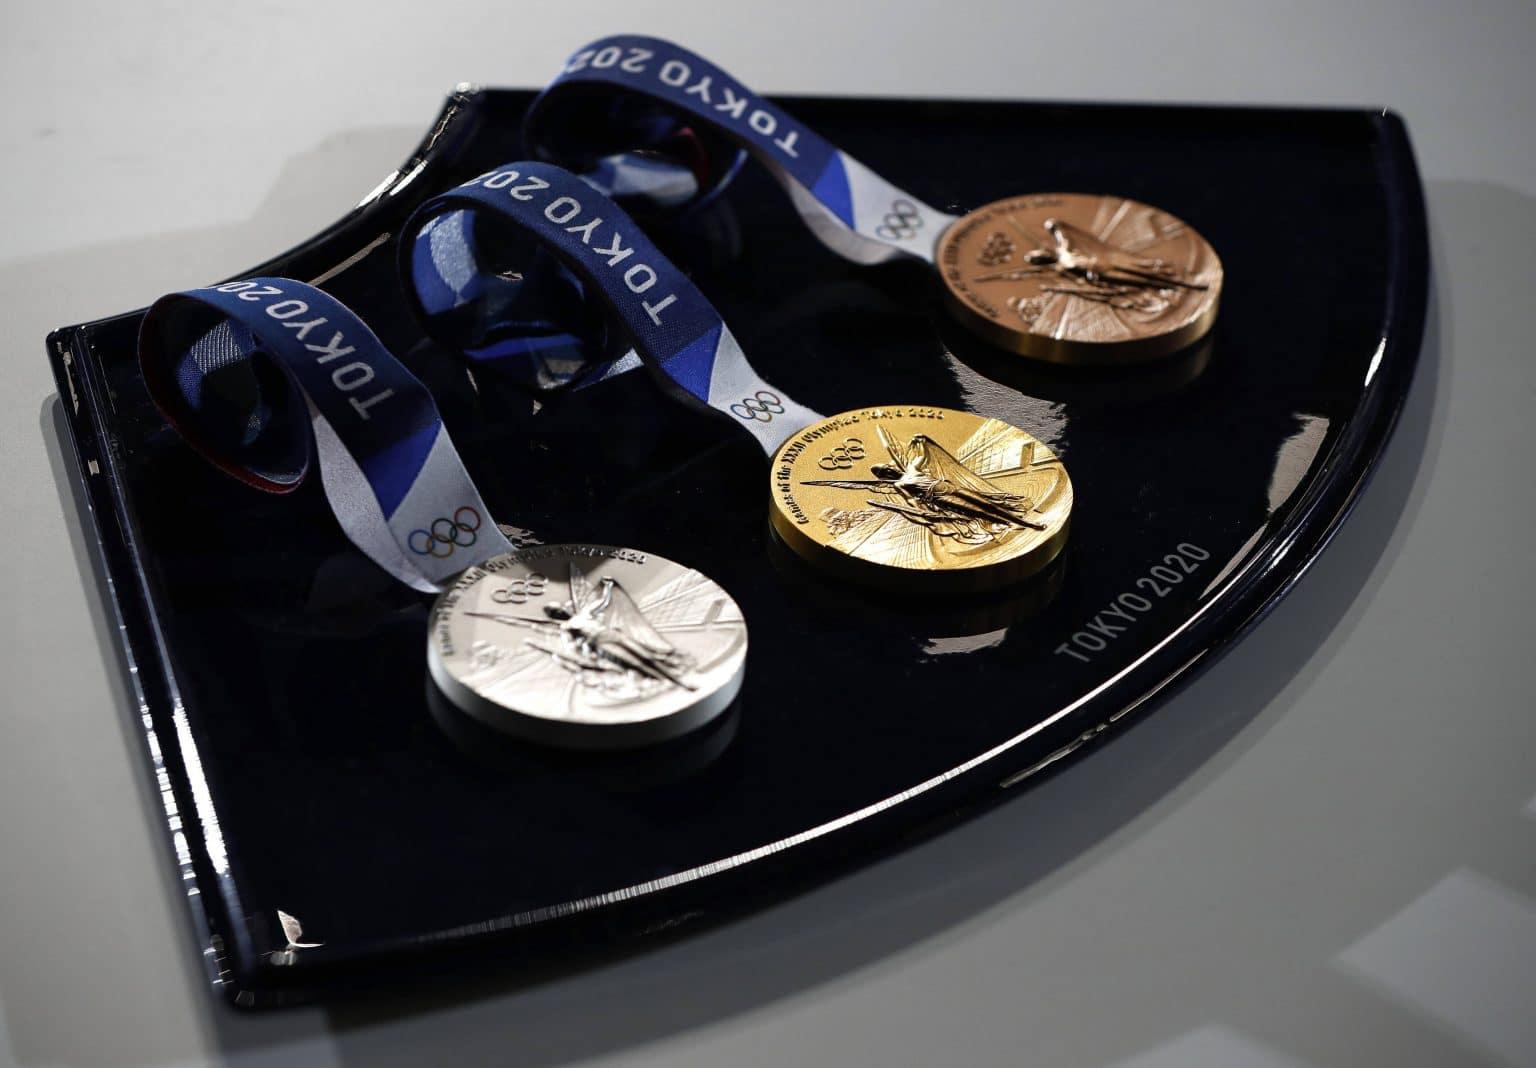 Δέκατος ο Χρήστου - Ολυμπιακοί Αγώνες 2020   sport-fm.gr